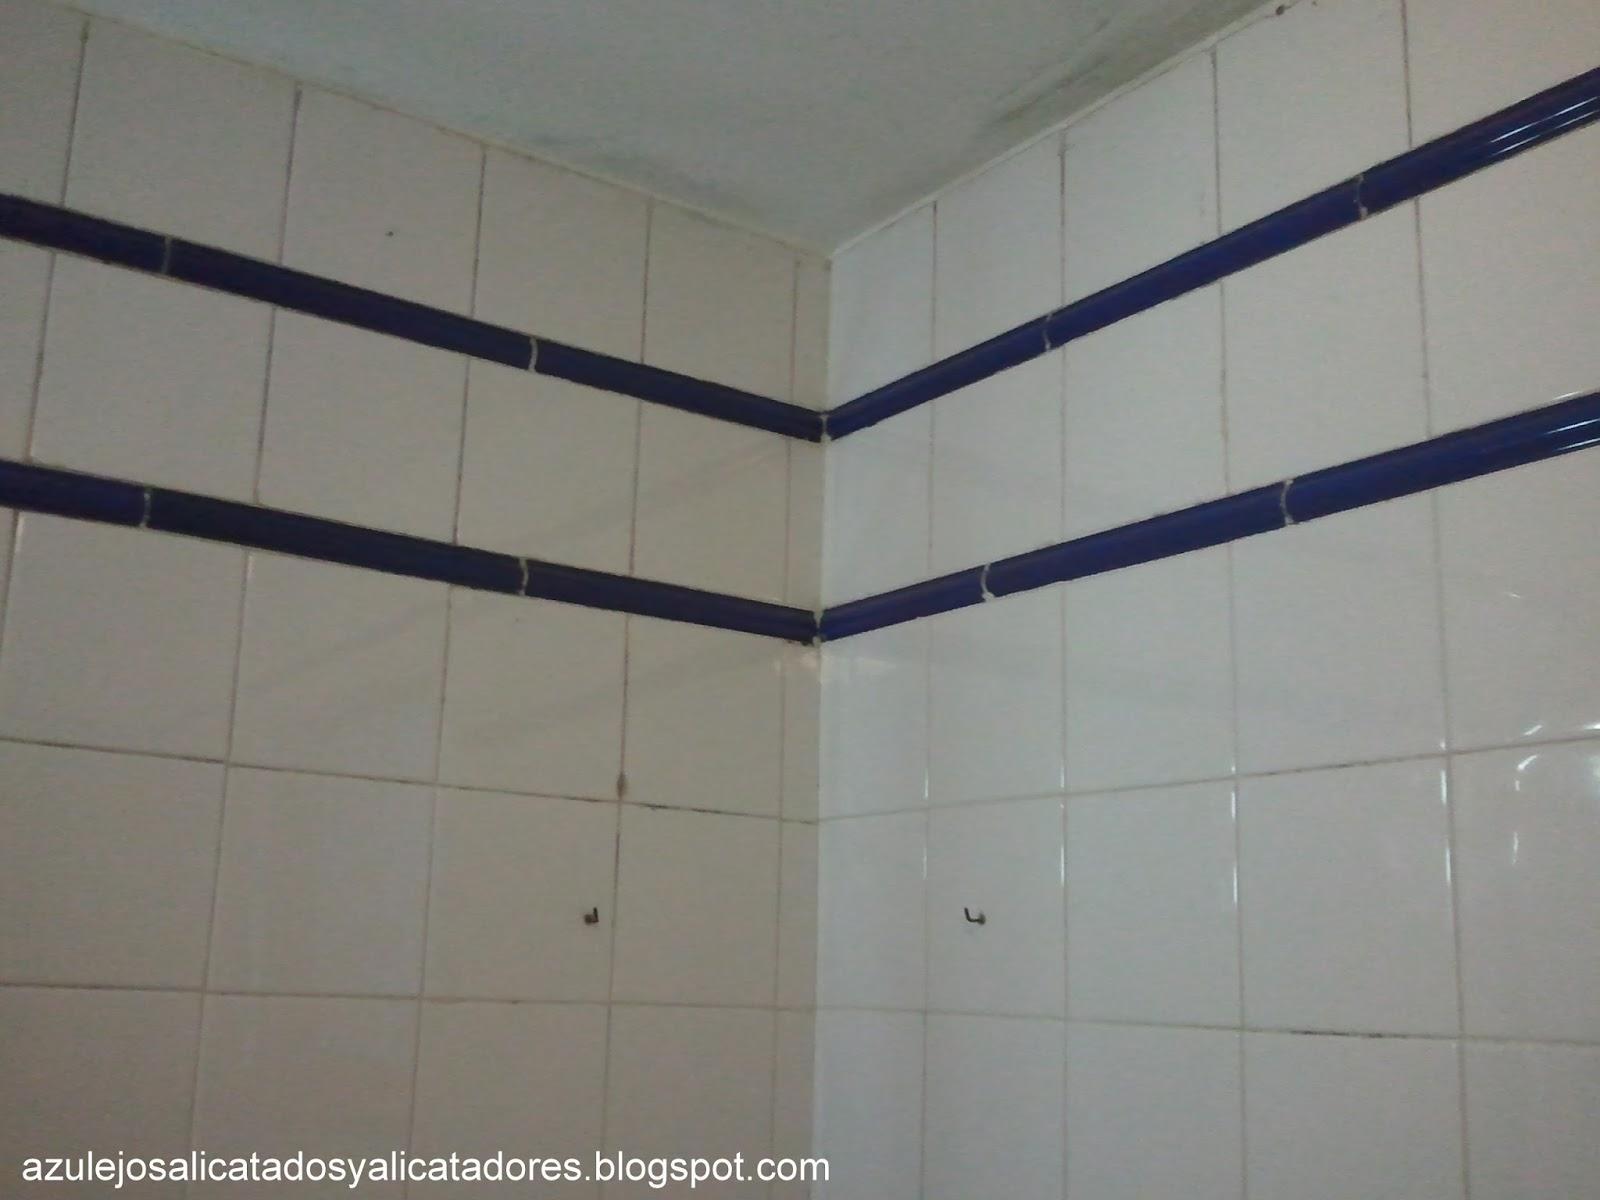 Azulejos alicatados y alicatadores t pica reforma for Azulejo 15x15